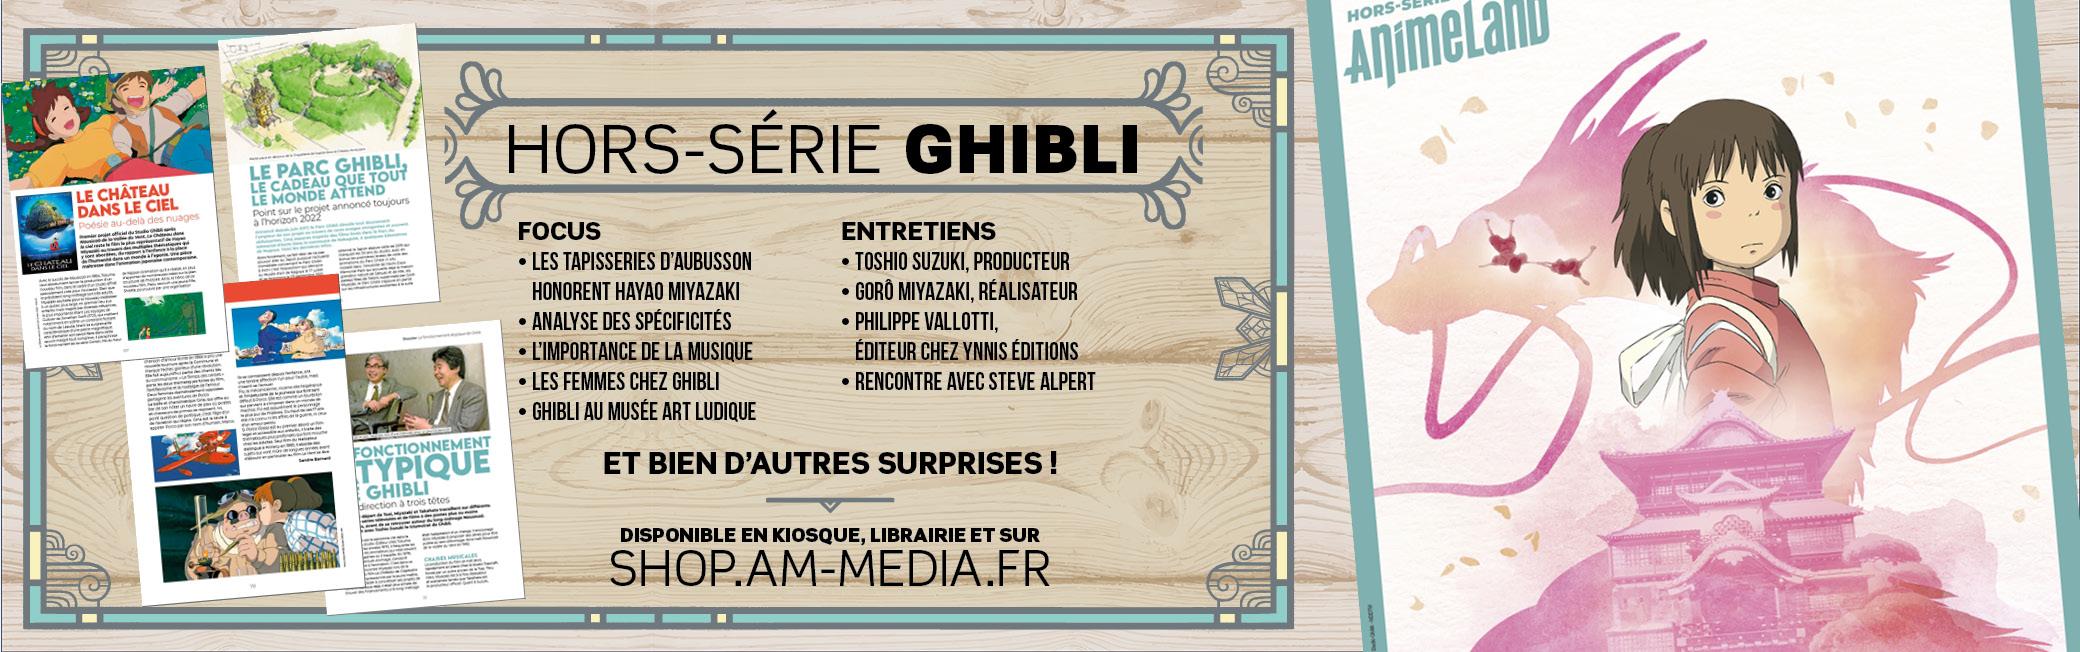 Hors-série Ghibli